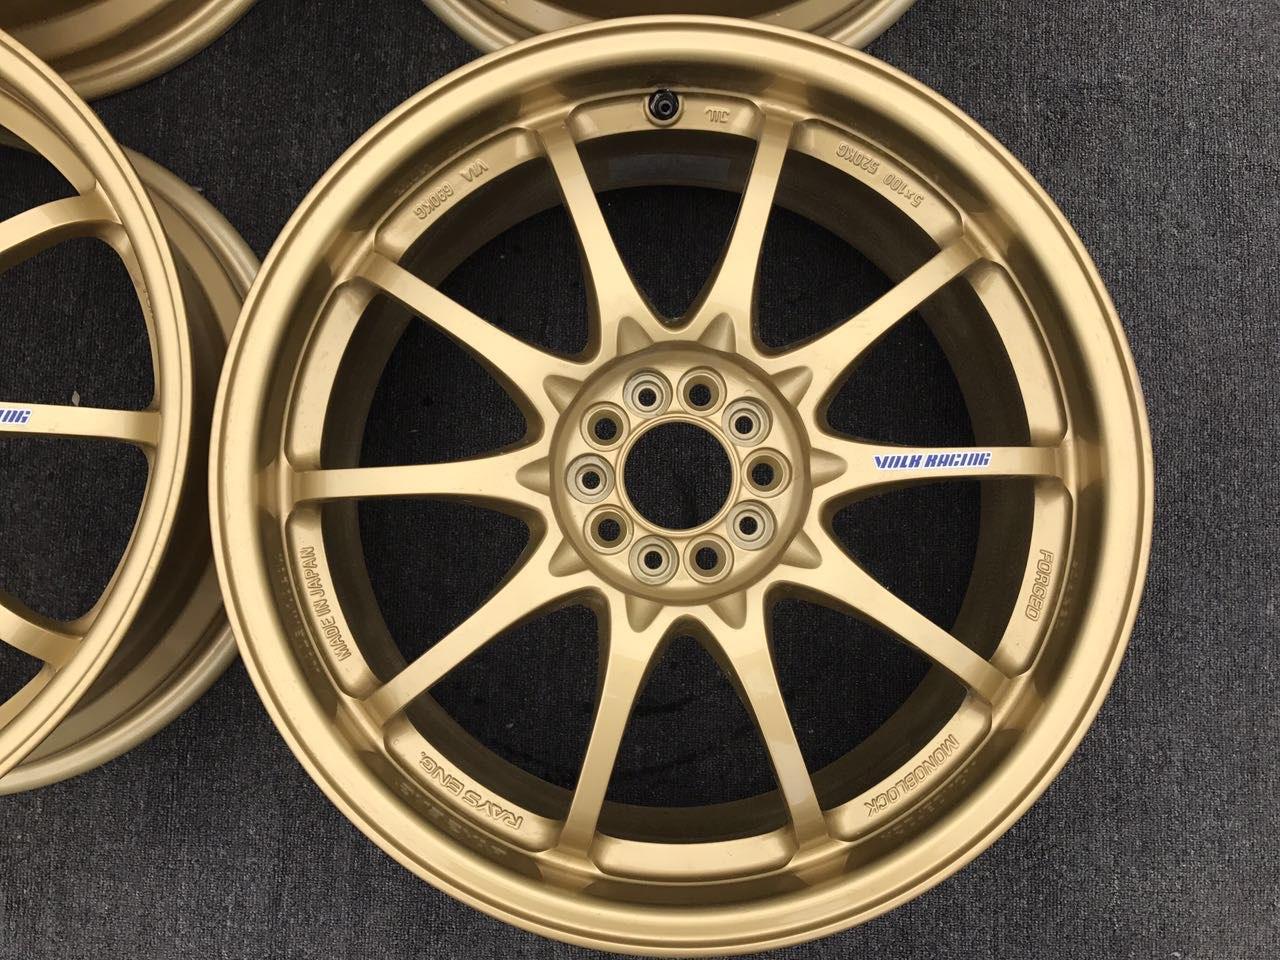 精品二手轮毂 Rays ce28n 金色 18in 7.5J ET47,5 100 高尔夫5 奥迪A1 WRX Ct200. 单个重量8KG 现货侍候,欢迎聊天 得意